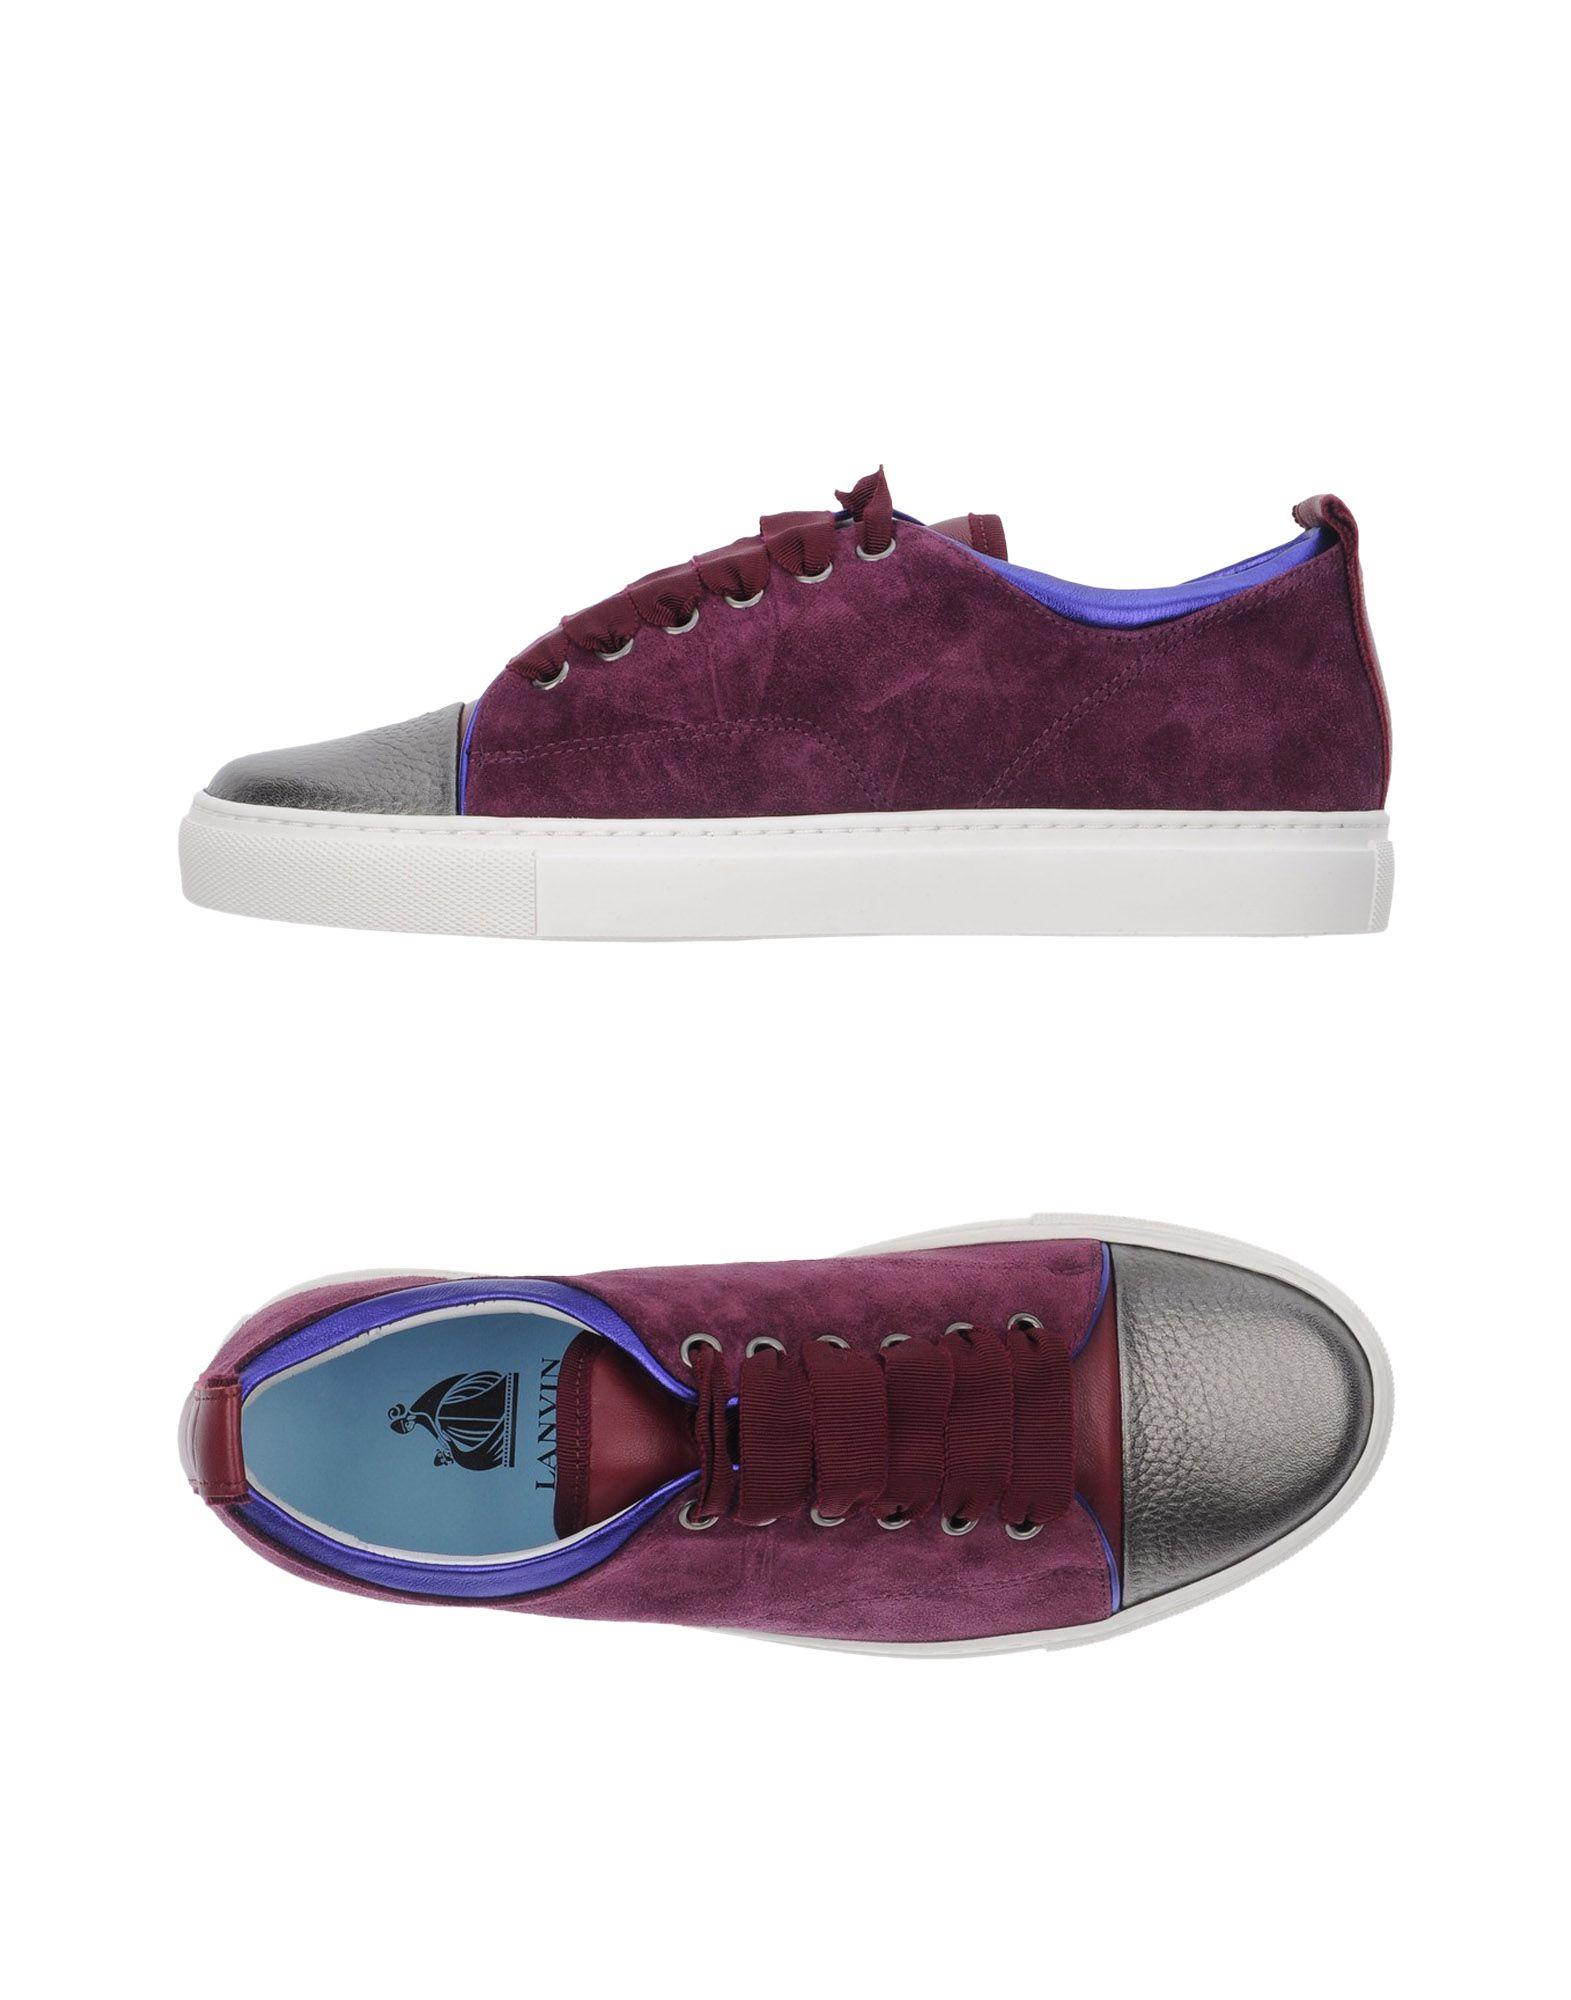 Lanvin Sneakers - - - Women Lanvin Sneakers online on  United Kingdom - 11307722IW 4d96ed